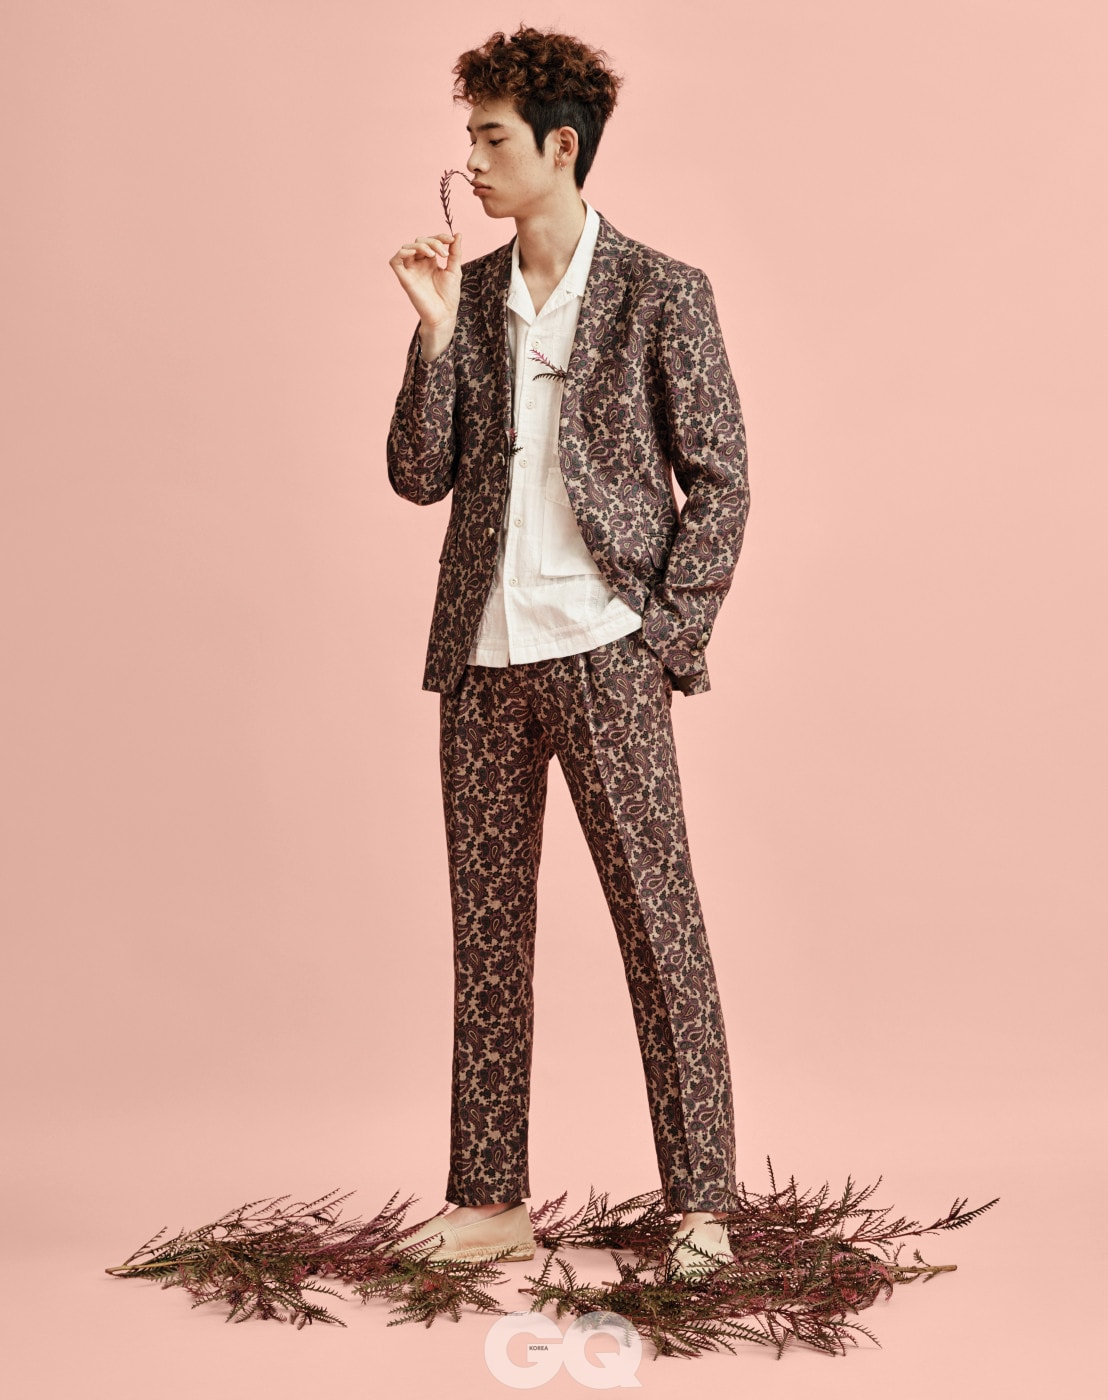 오픈 칼라 셔츠 21만8천원, 이스트 로그 by 솔티 서울. 페이즐리 수트 재킷 1백48만원, 팬츠 67만원, 모두 에트로. 가죽 에스파드류 13만9천원, 에스파드류 로히지날.